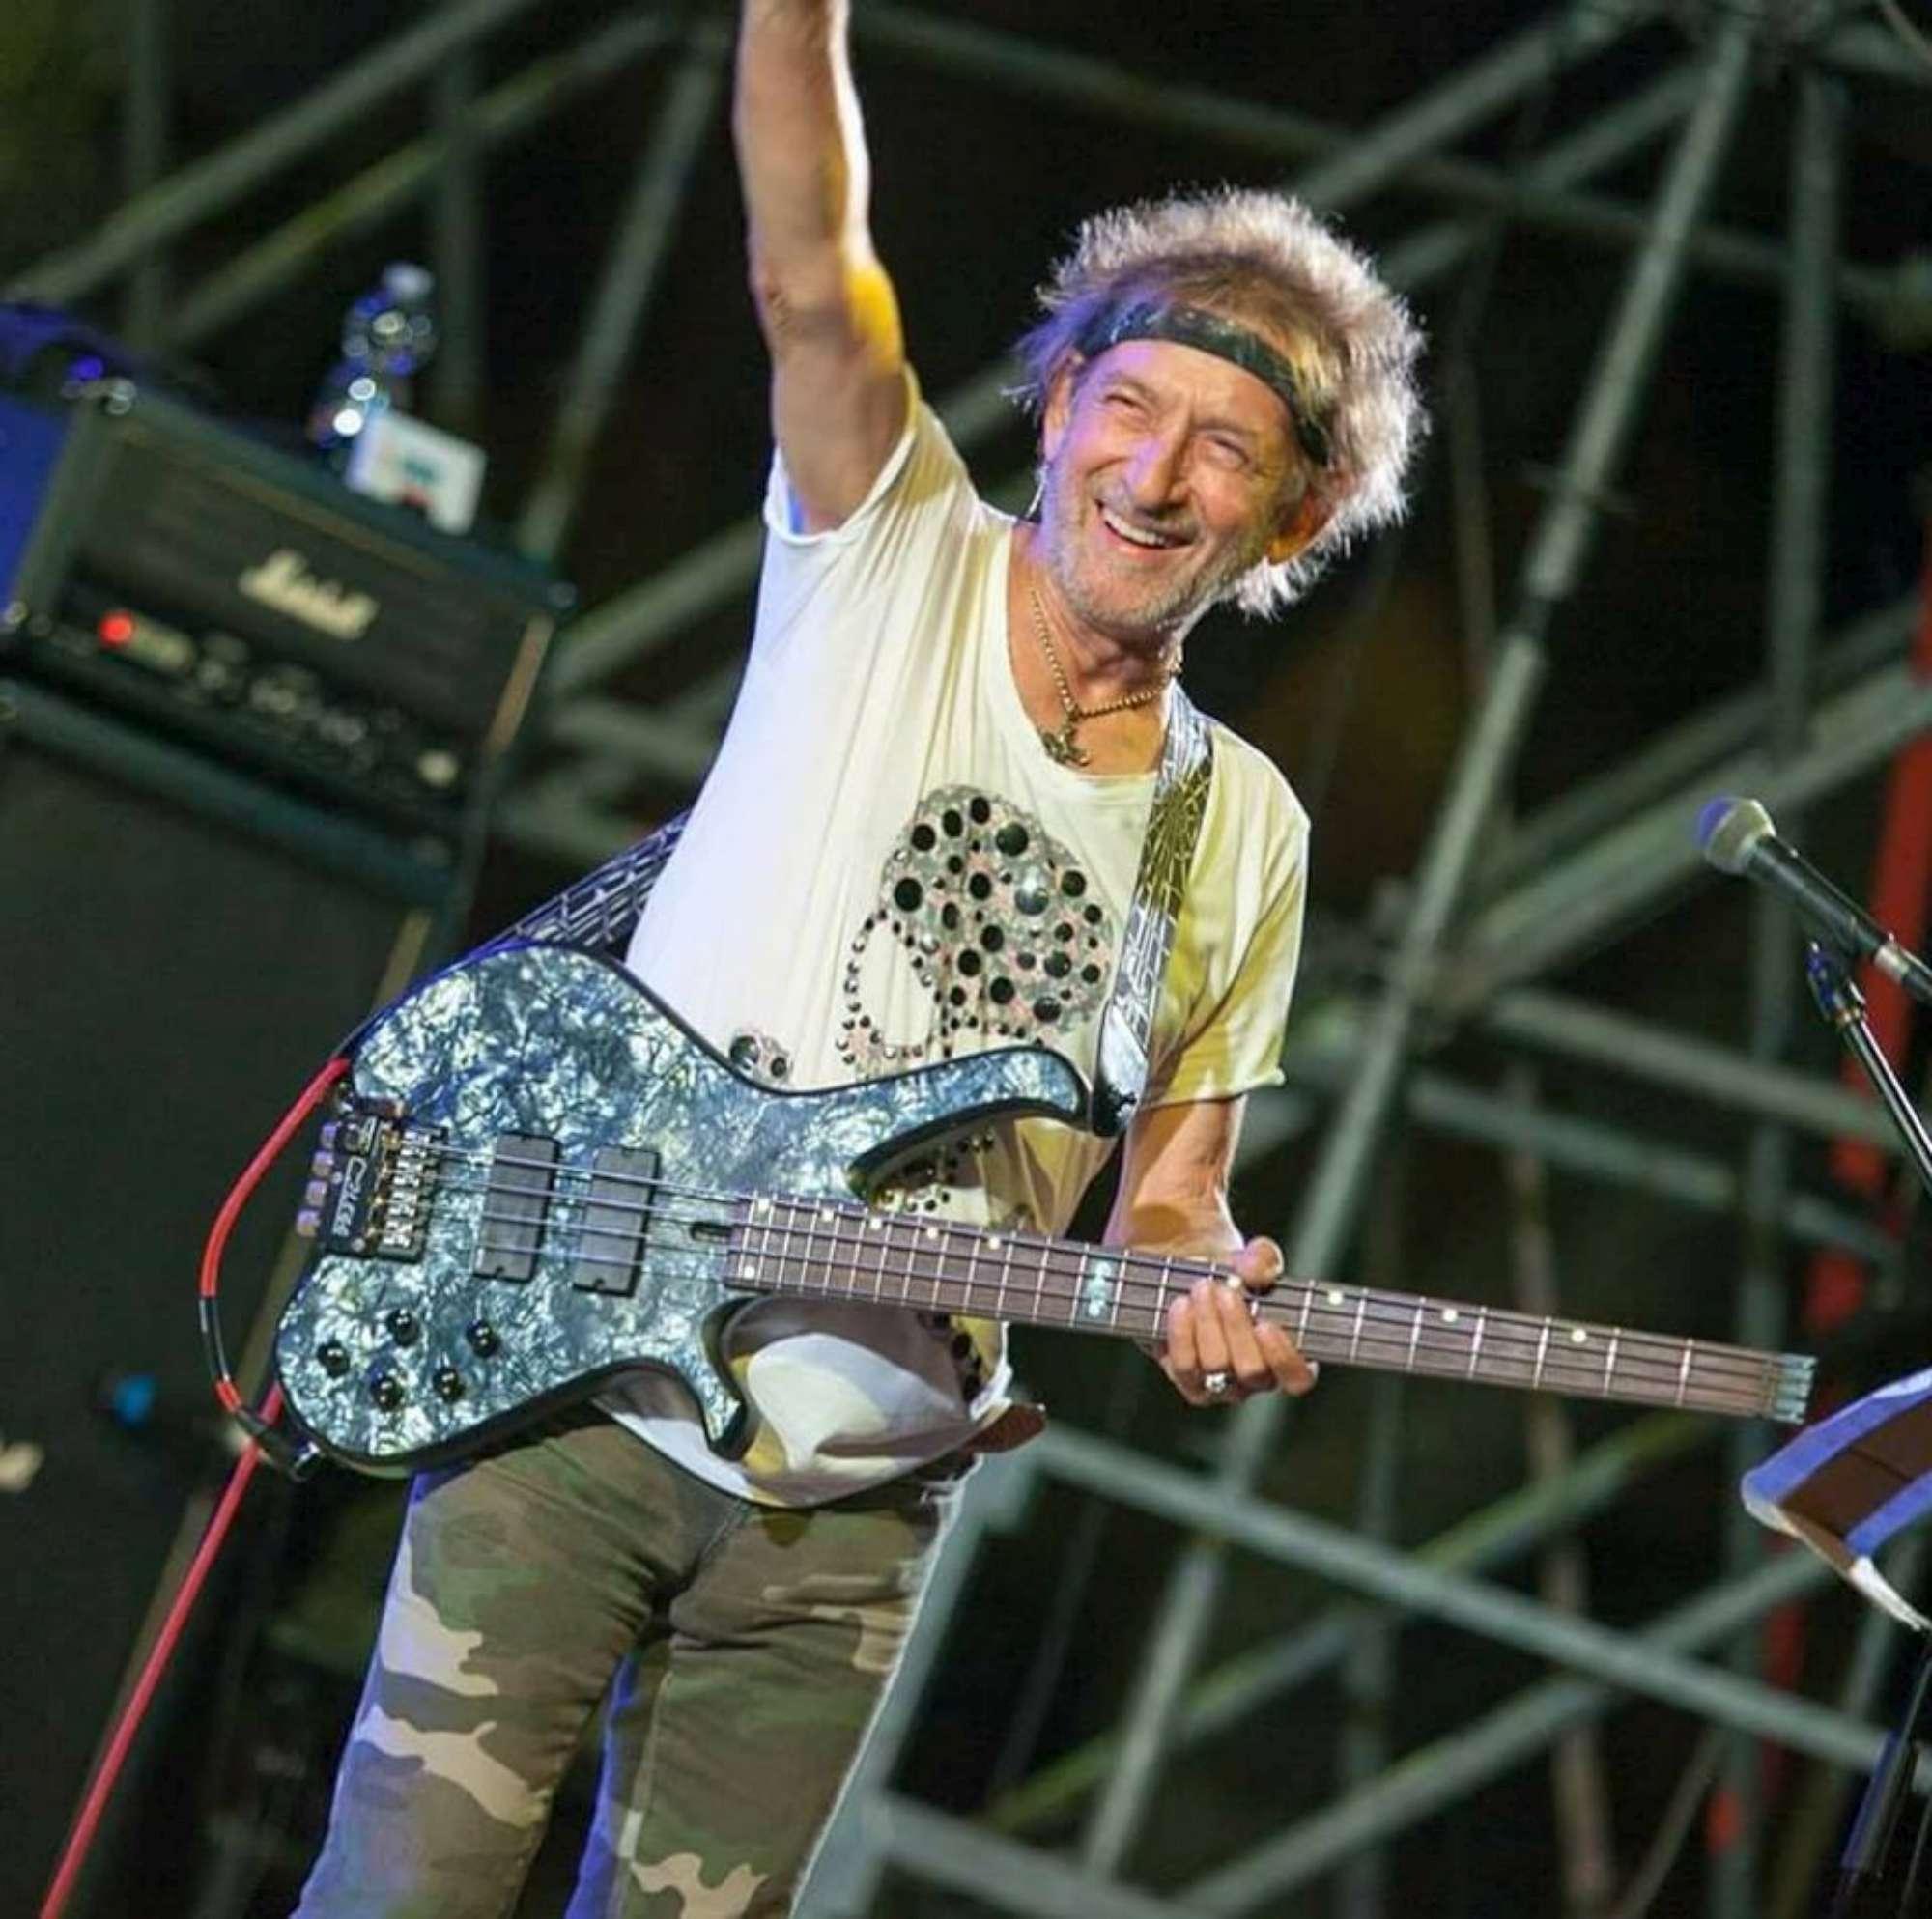 Claudio Golinelli, ricovero urgente per il bassista di Vasco Rossi